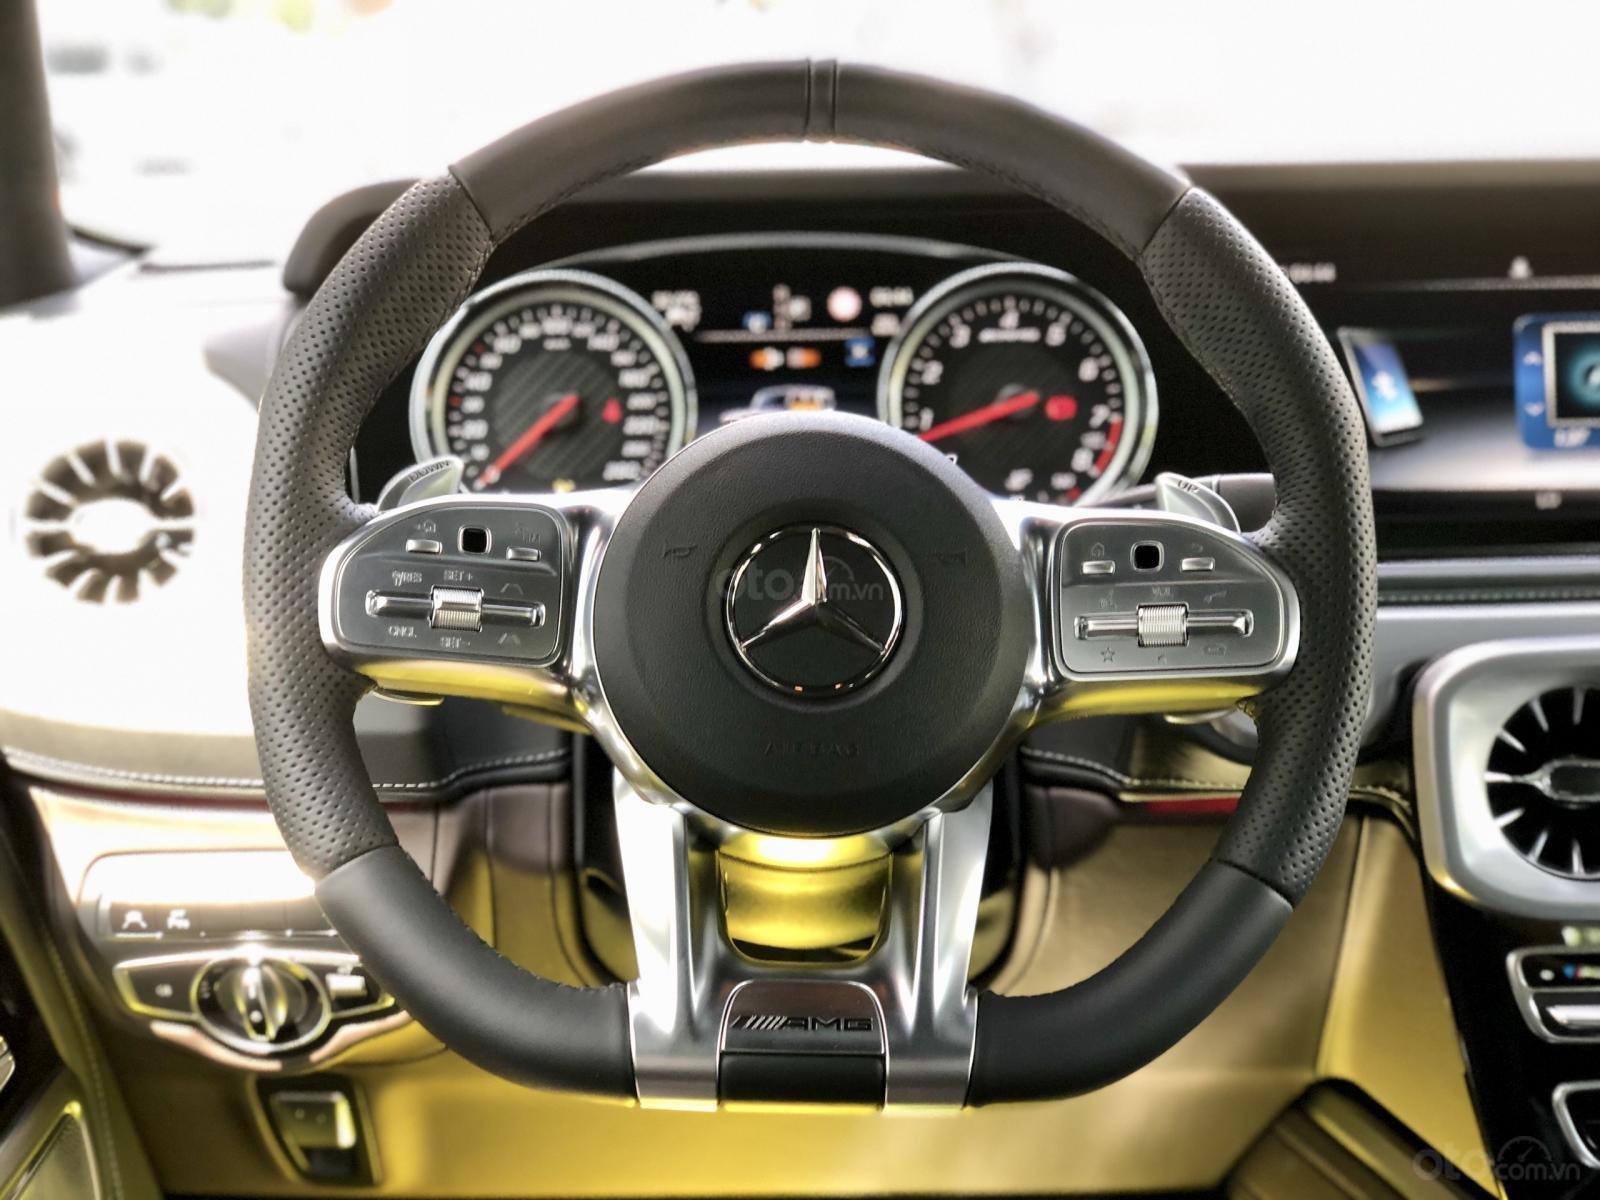 Mercedes G63 AMG 2021 Hà Nội. Giá tốt, giao xe ngay toàn quốc (10)